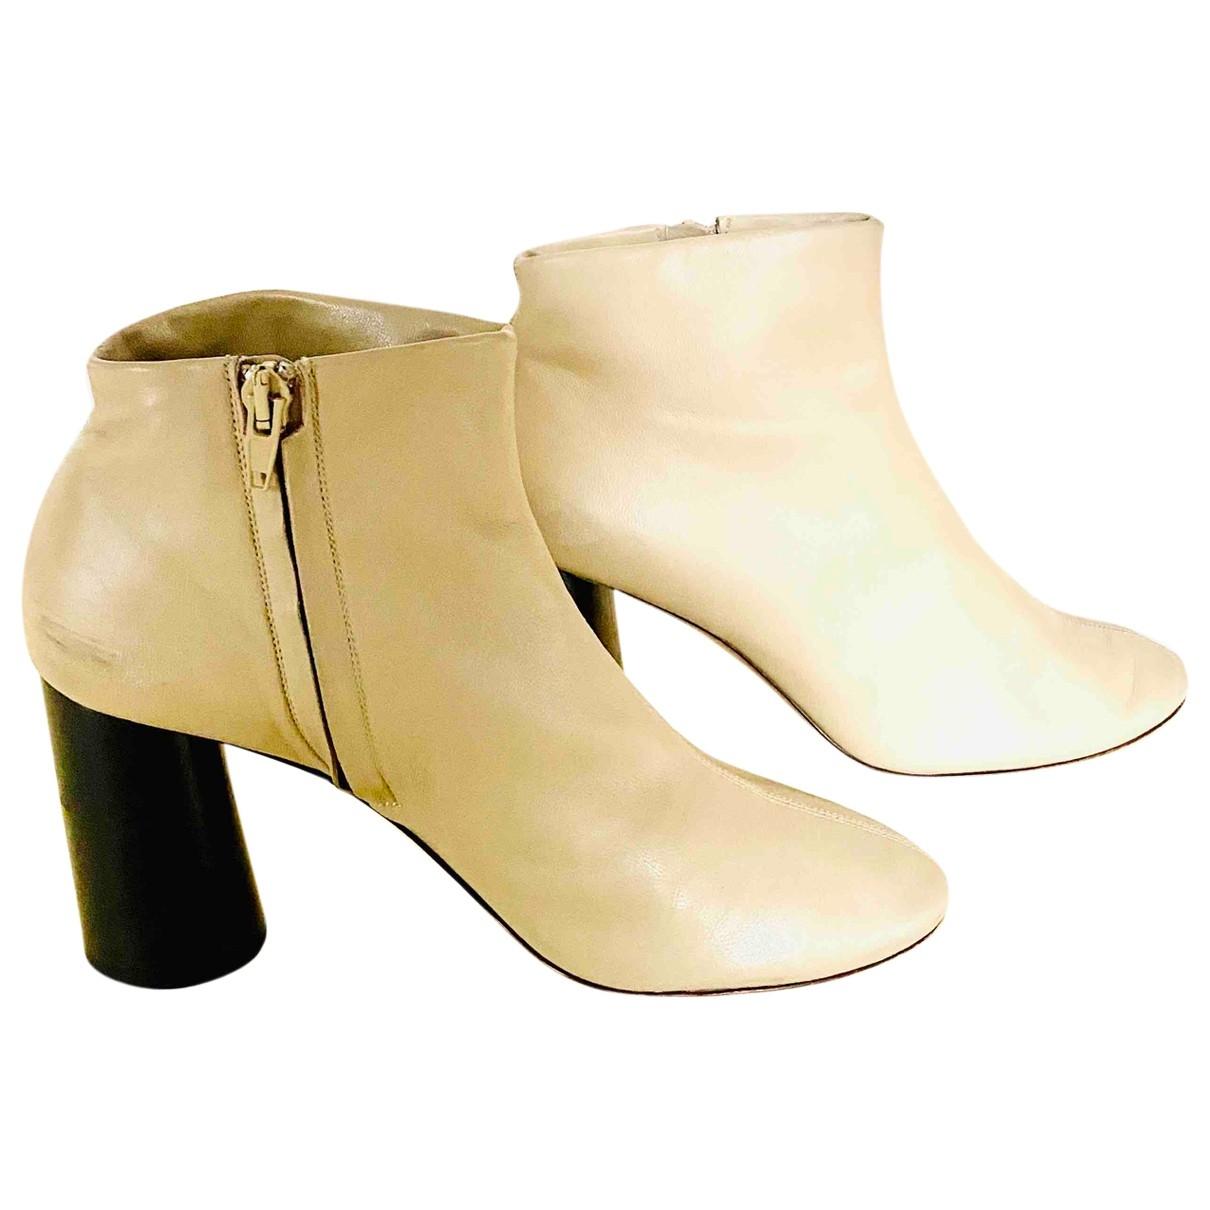 Celine - Boots   pour femme en cuir - beige